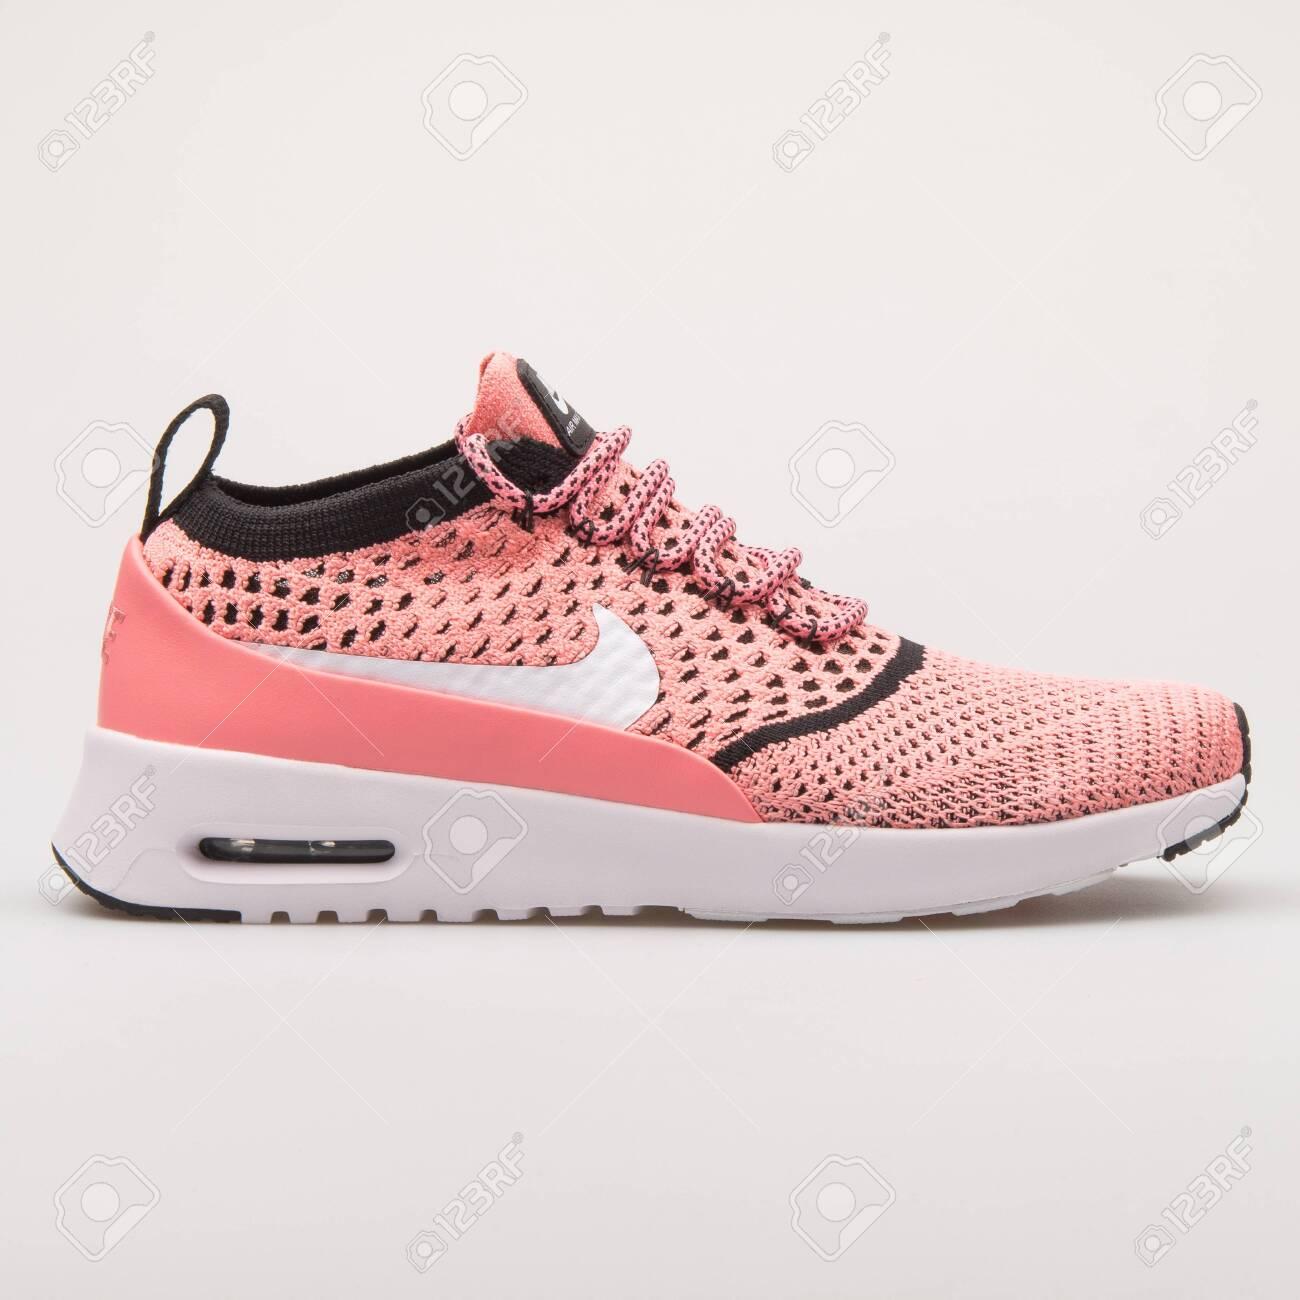 Donde comprar más vendido pensamientos sobre VIENNA, AUSTRIA - AUGUST 23, 2017: Nike Air Max Thea Ultra Flyknit ...